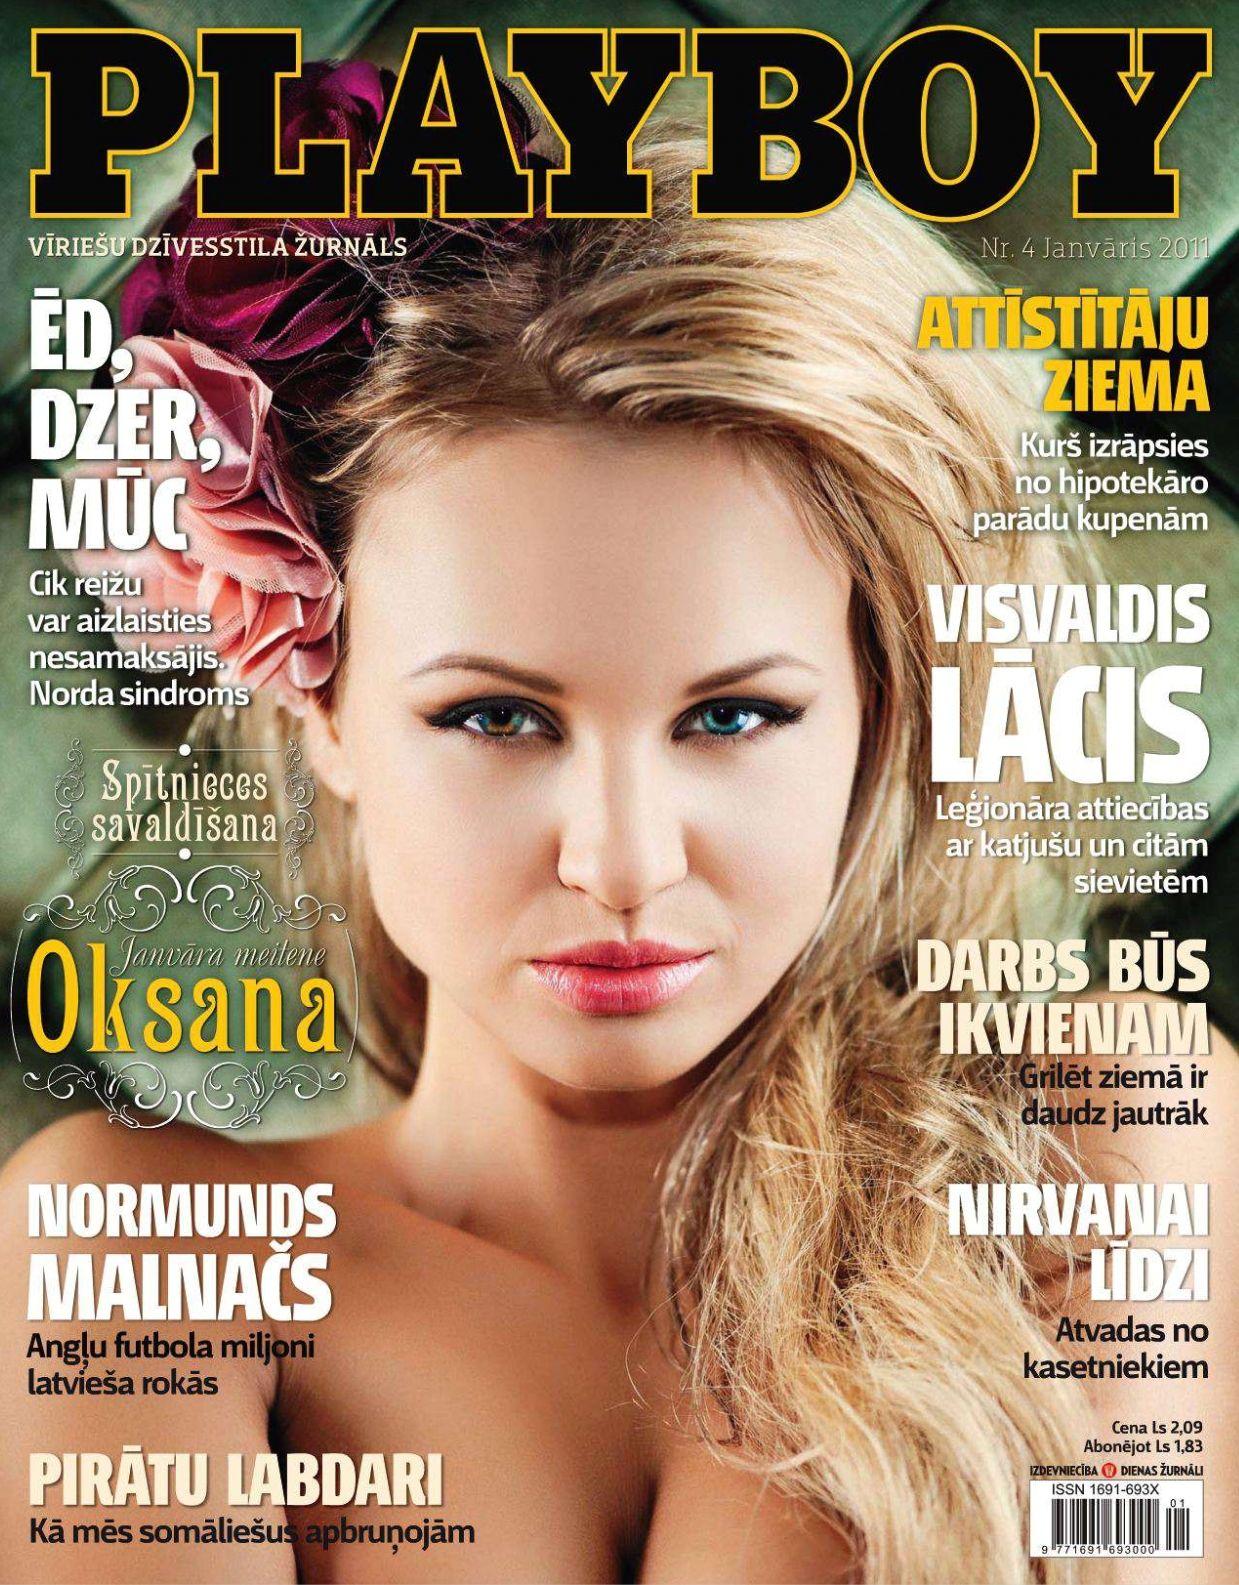 Playboy Latvia - January 2011 - No watermark